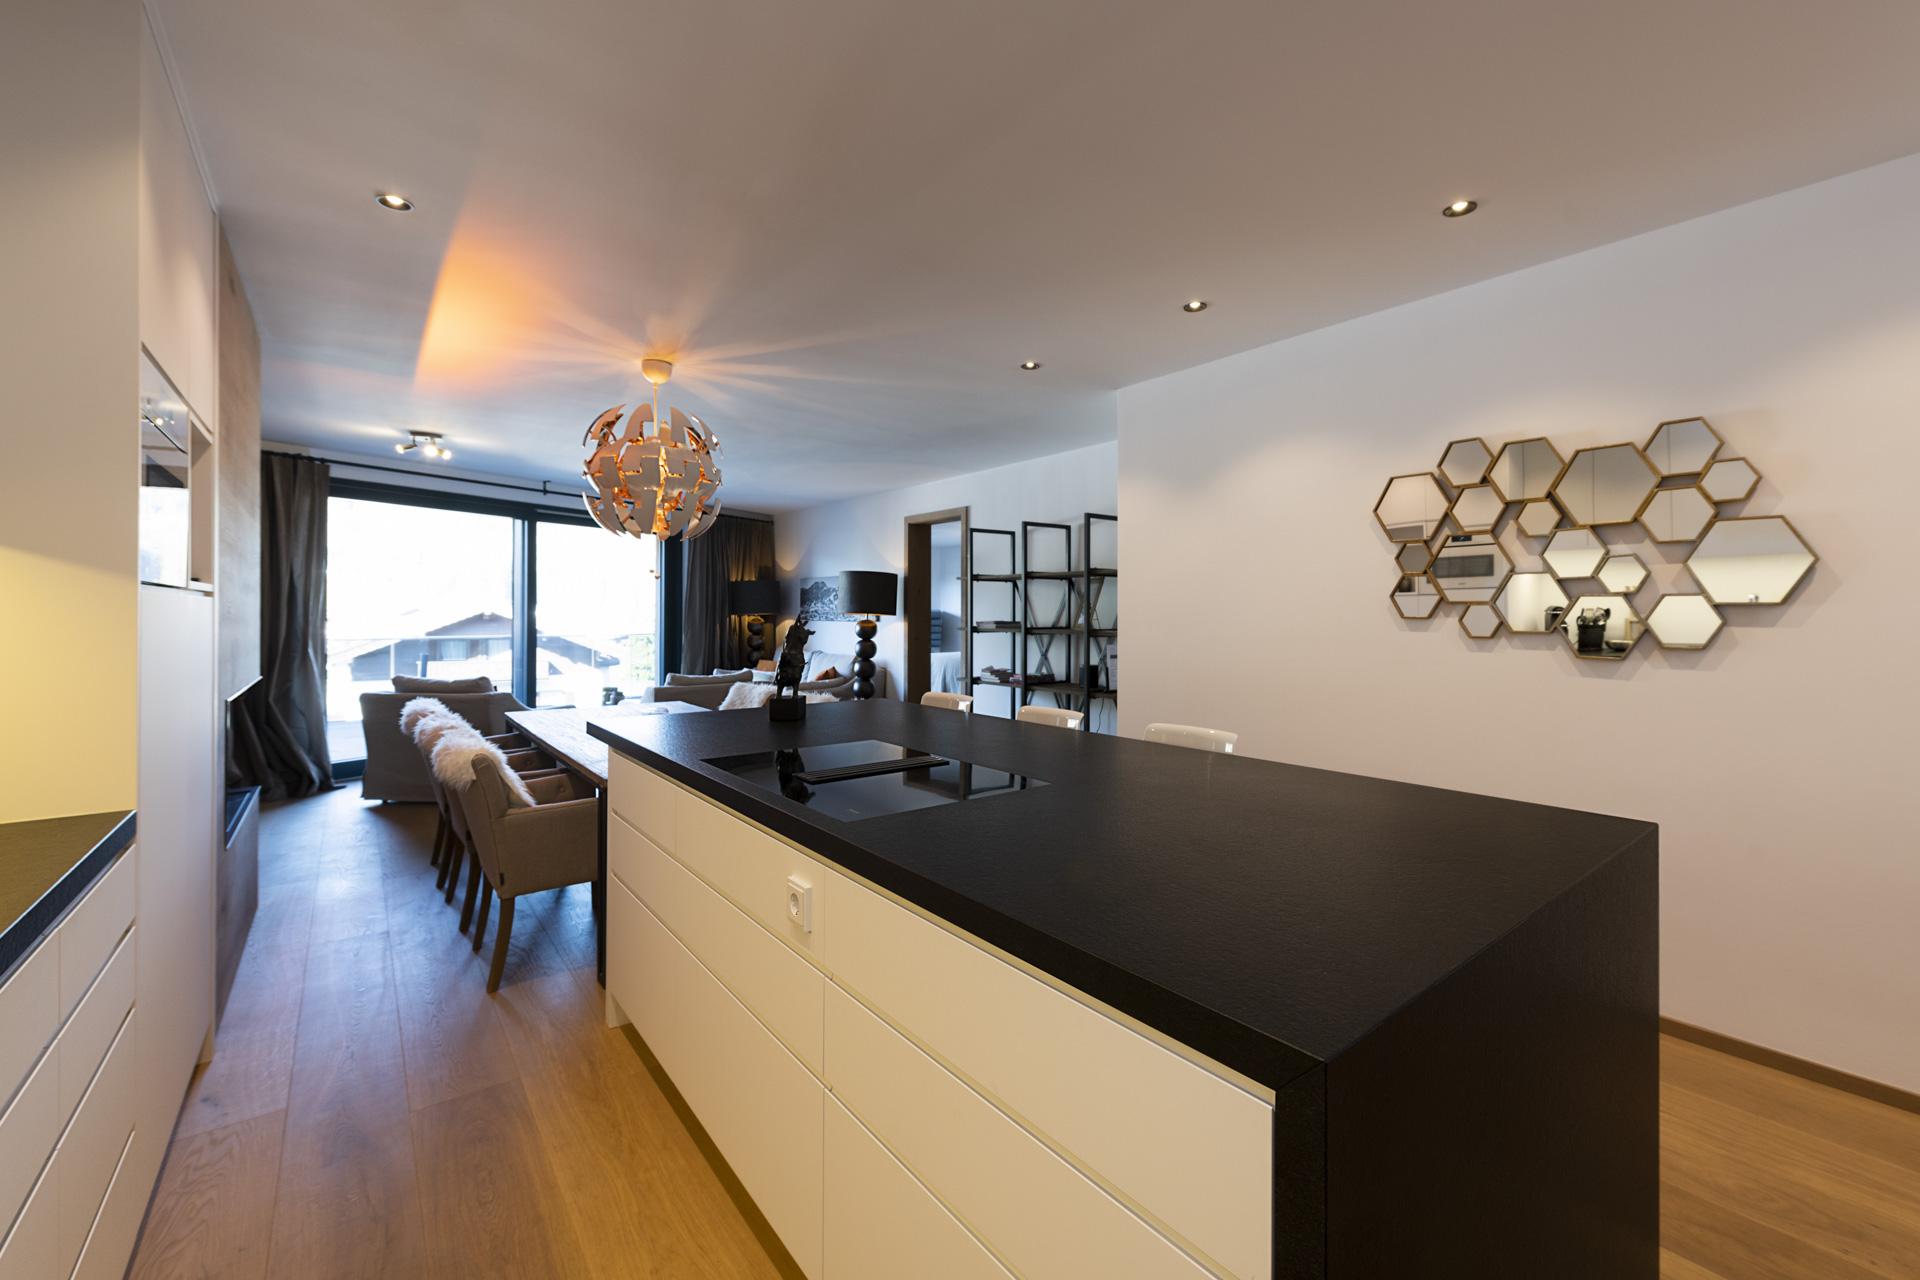 Tischlerei-Decker-Projekte-Wohnung-D-Kueche-Essbereich